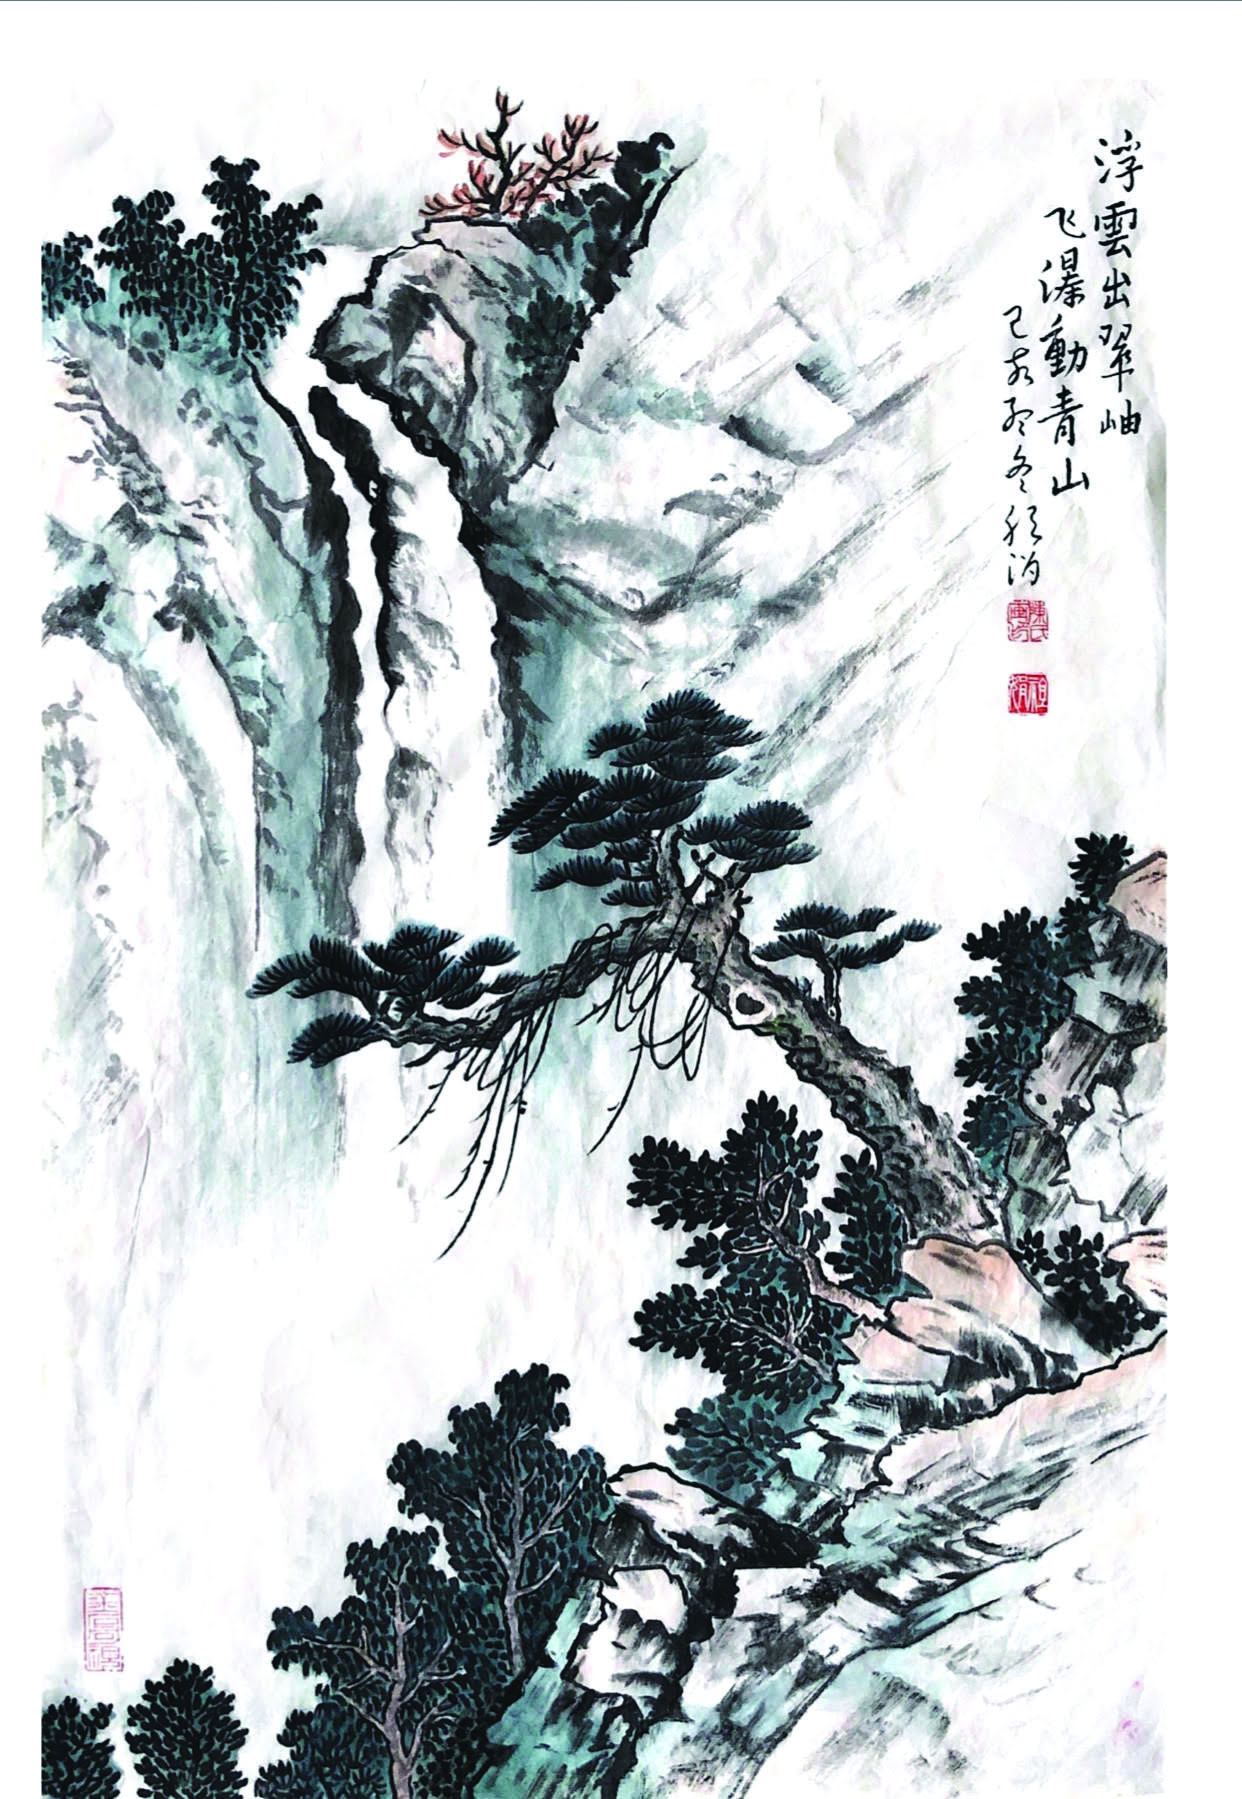 【陈祖娟诗画】桂枝香